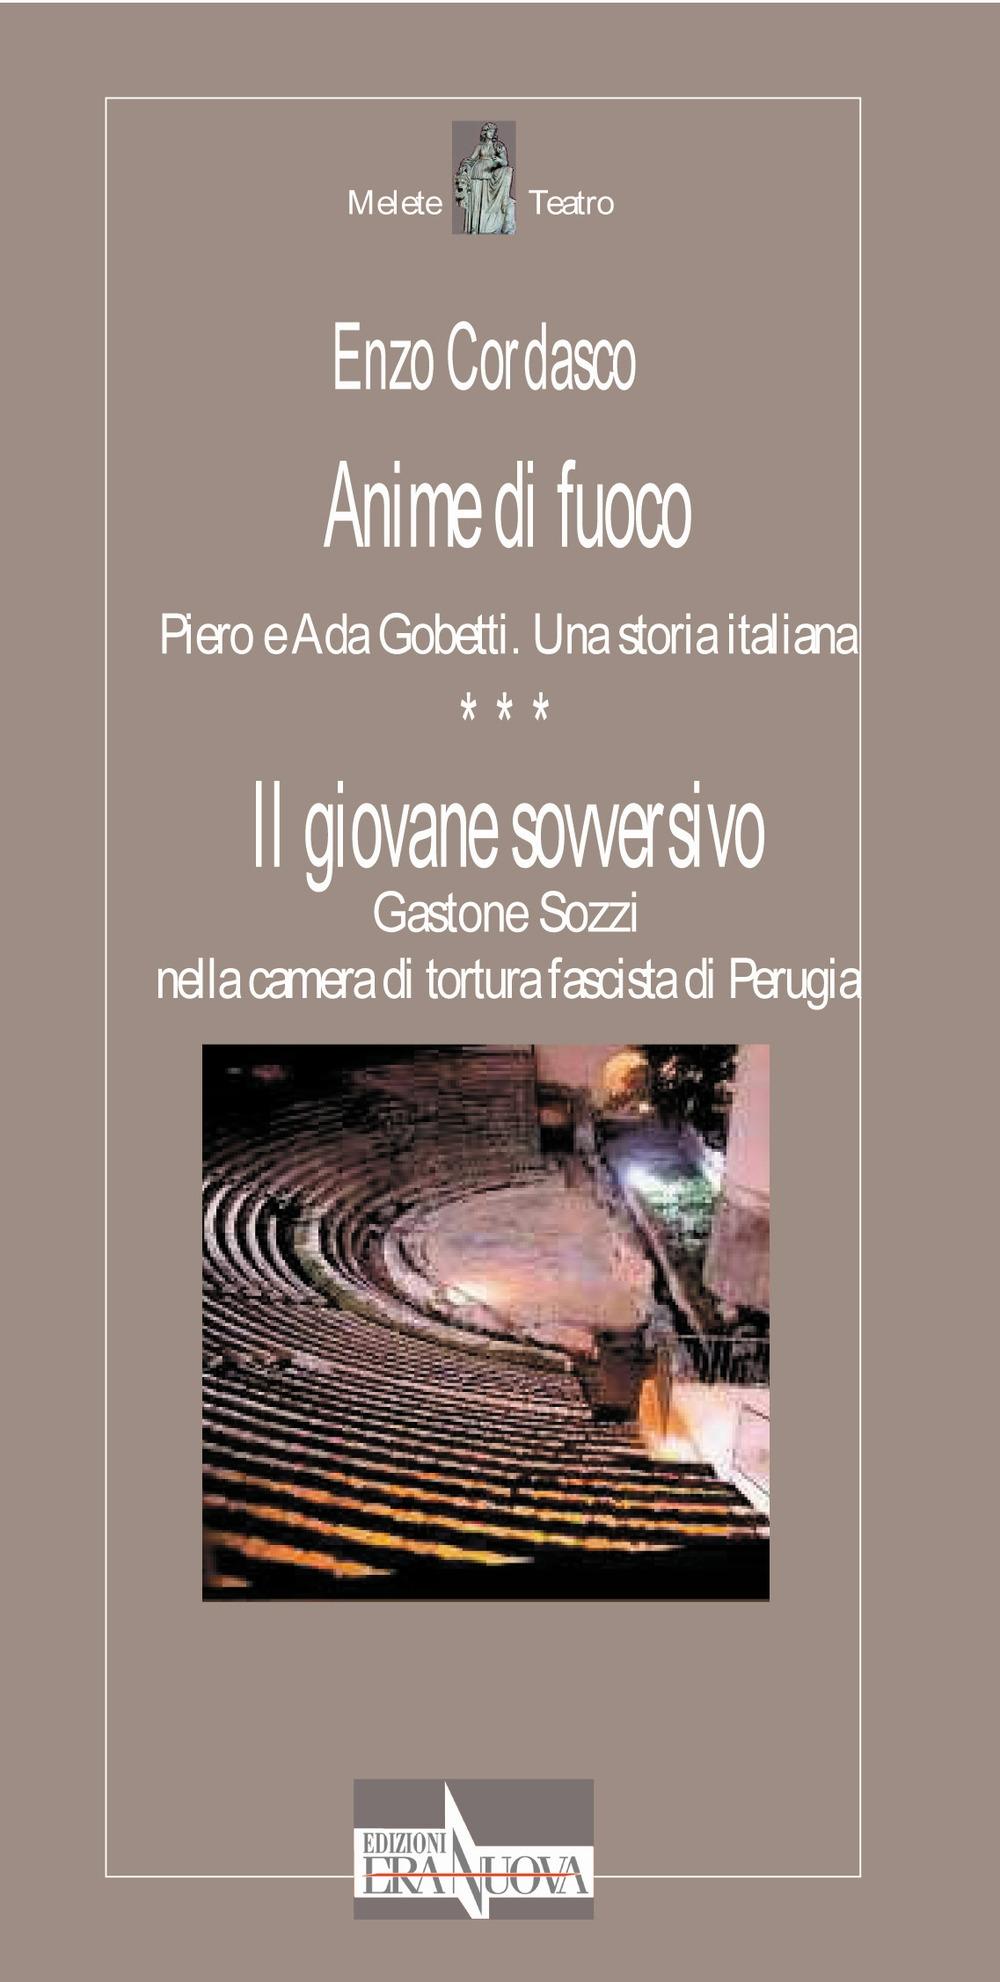 Anime di fuoco. Piero e Ada Gobetti. Una storia italiana.